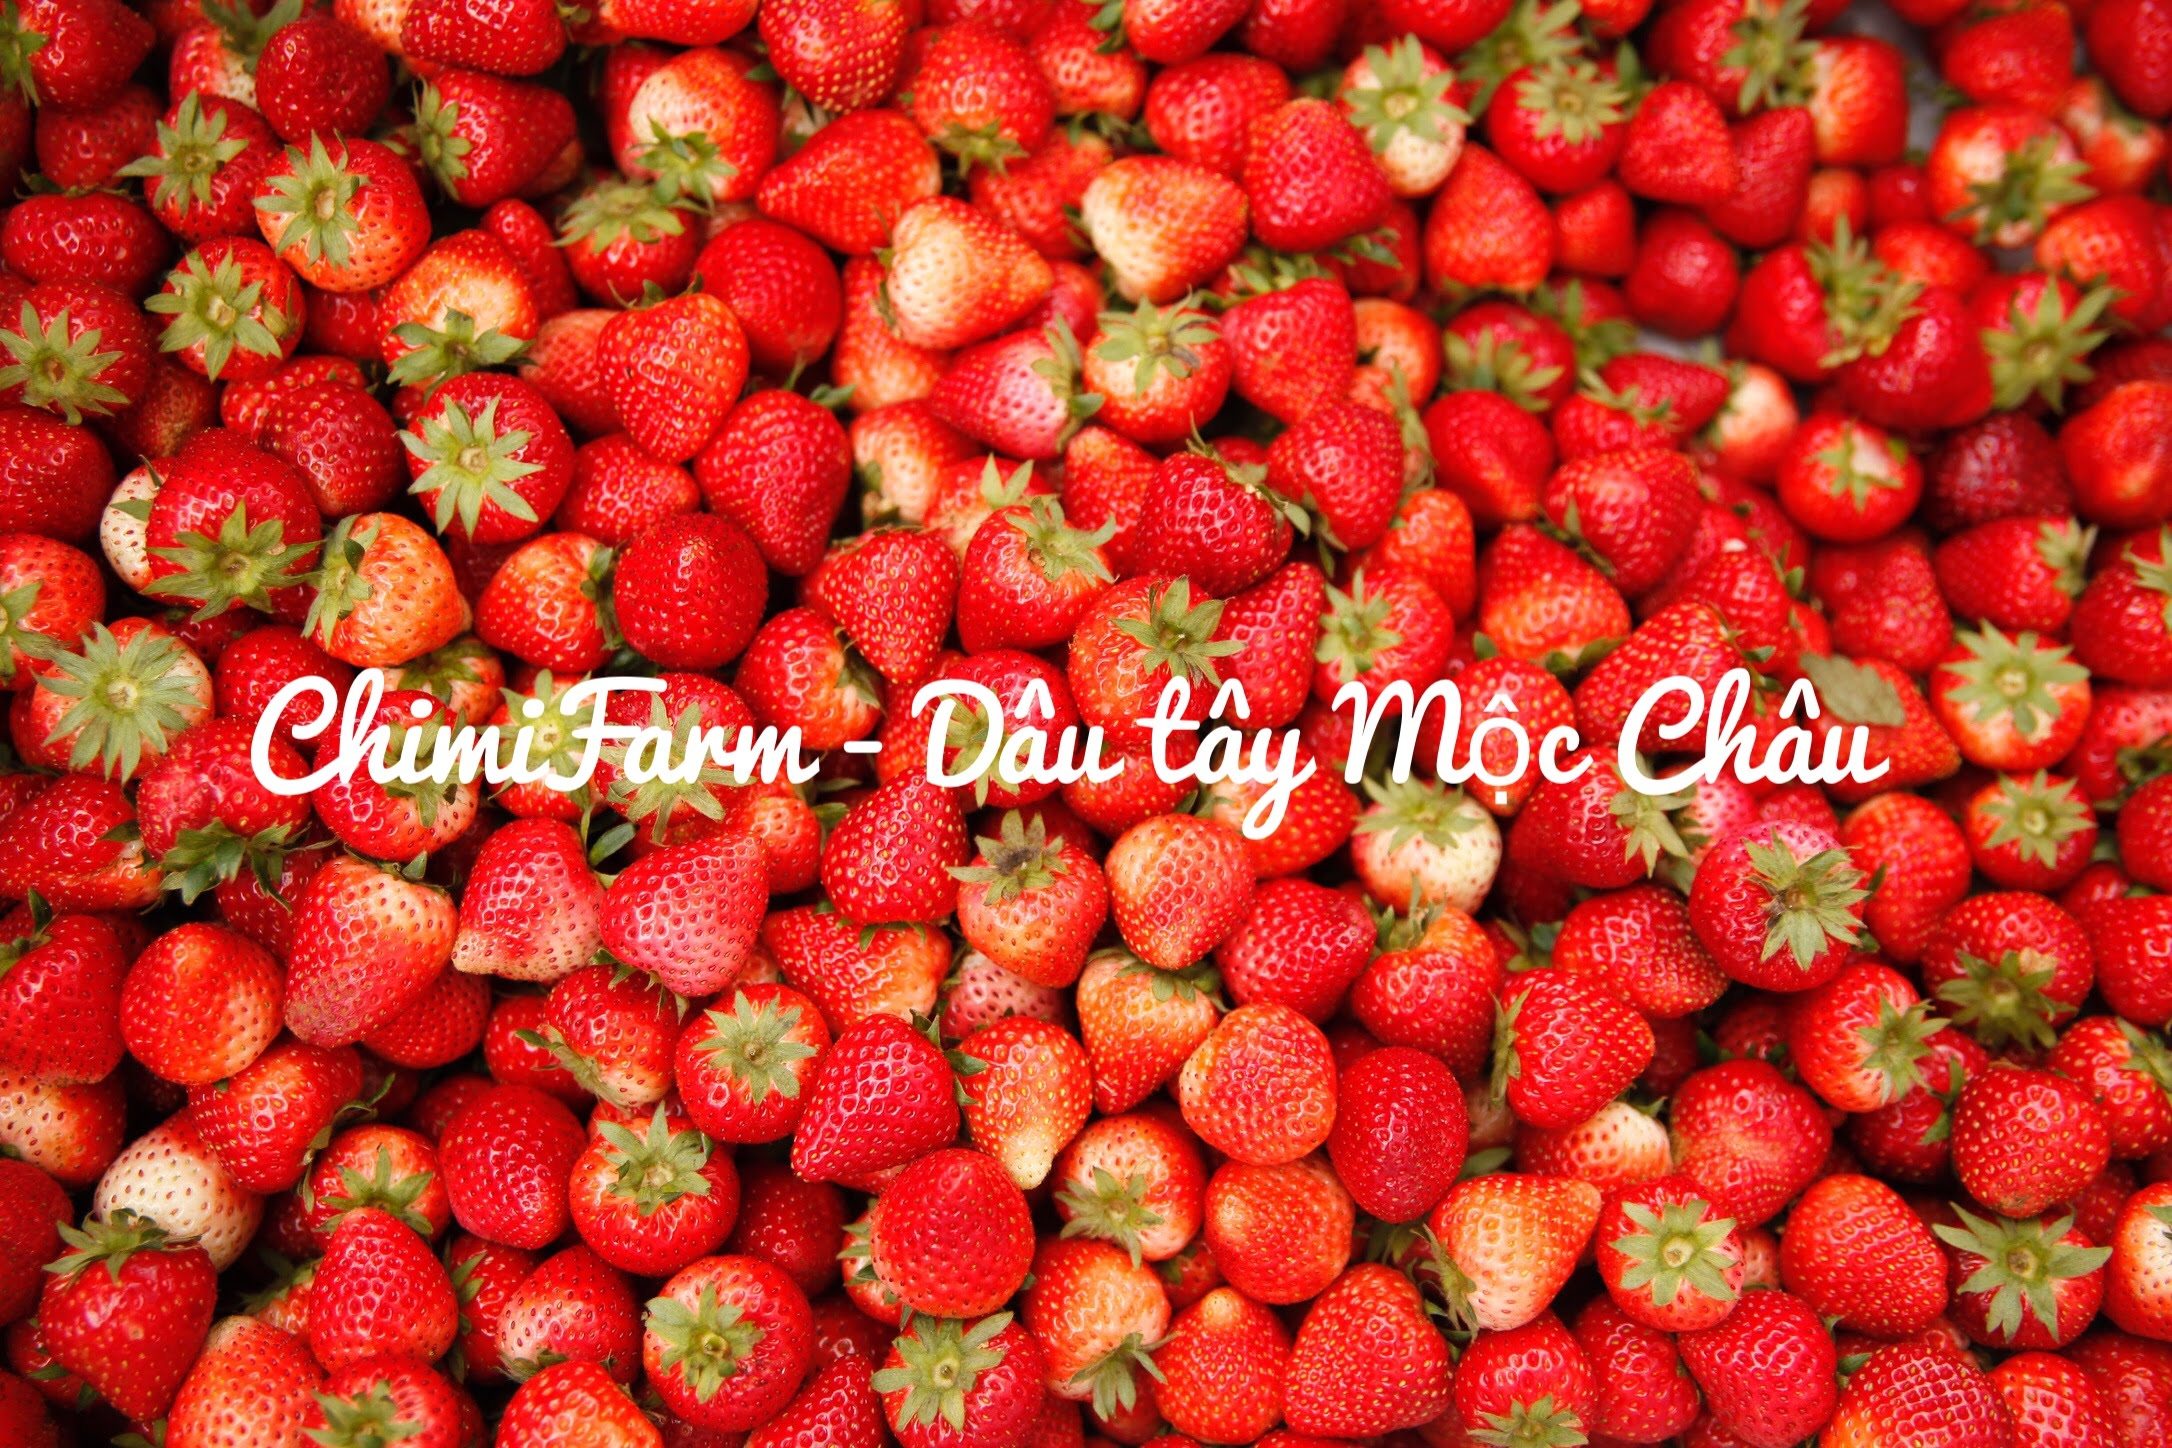 Chimi Farm hệ thống trang trại trồng dâu tây lớn nhất Mộc Châu. Liên hệ mua dâu tây 082.989.1110